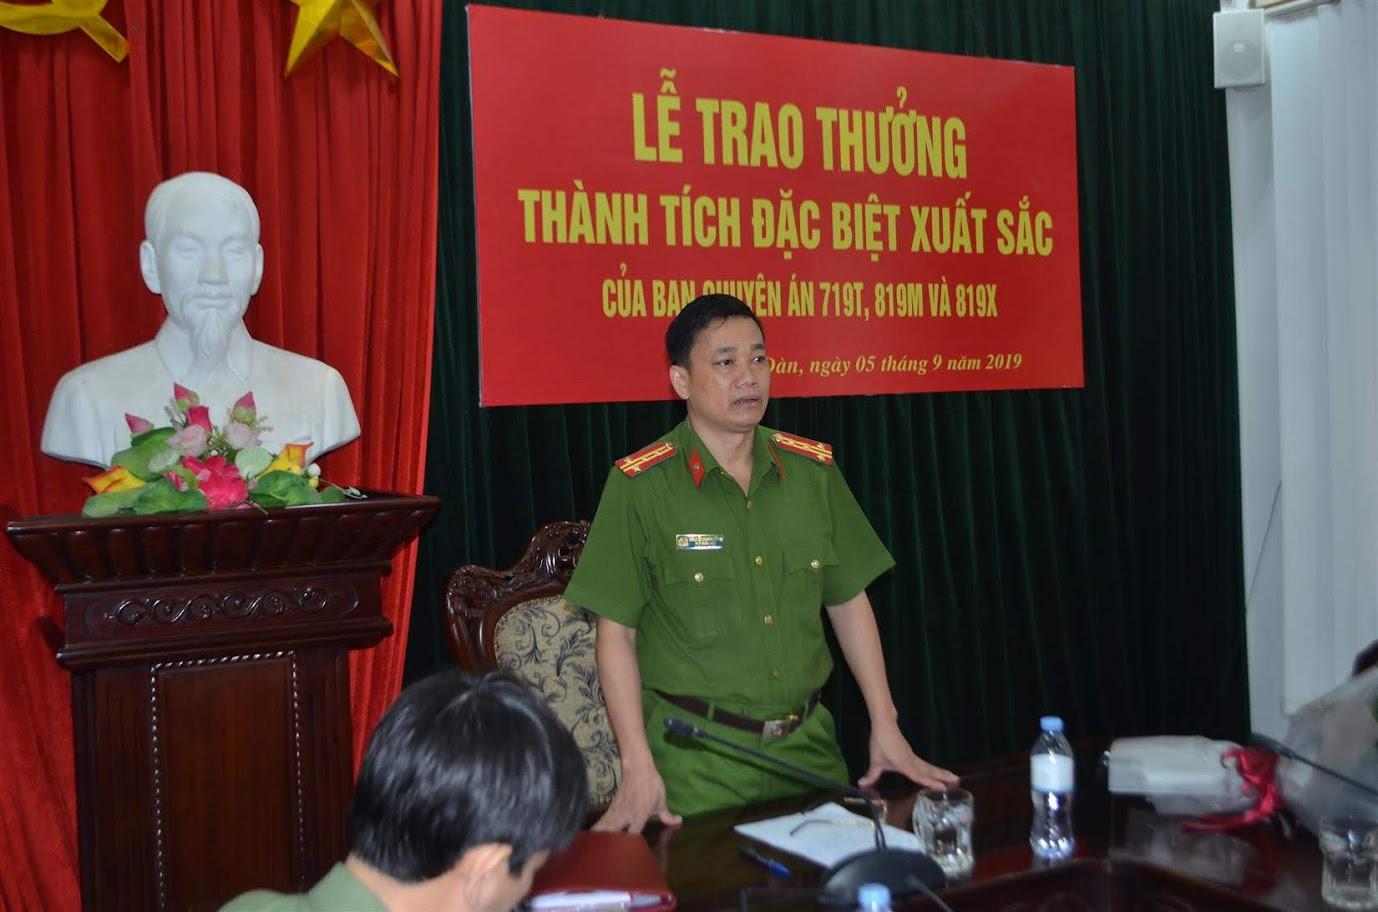 Đại tá Nguyễn Mạnh Hùng, Phó giám đốc Công an tỉnh phát biểu tại lễ trao thưởng